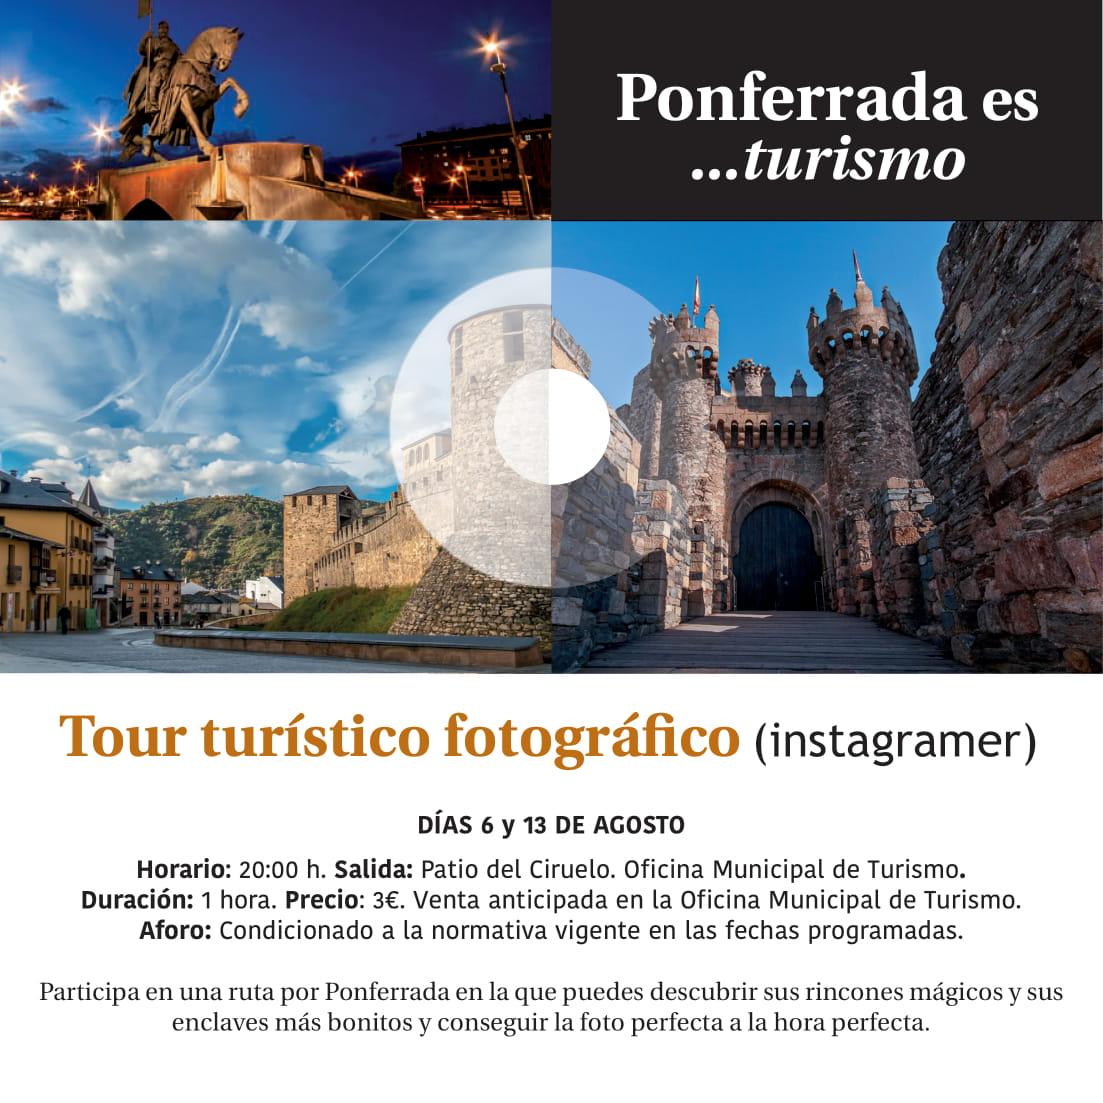 Ponferrada será... música, cultura, monumentos, turismo y más durante el verano de 2021 36